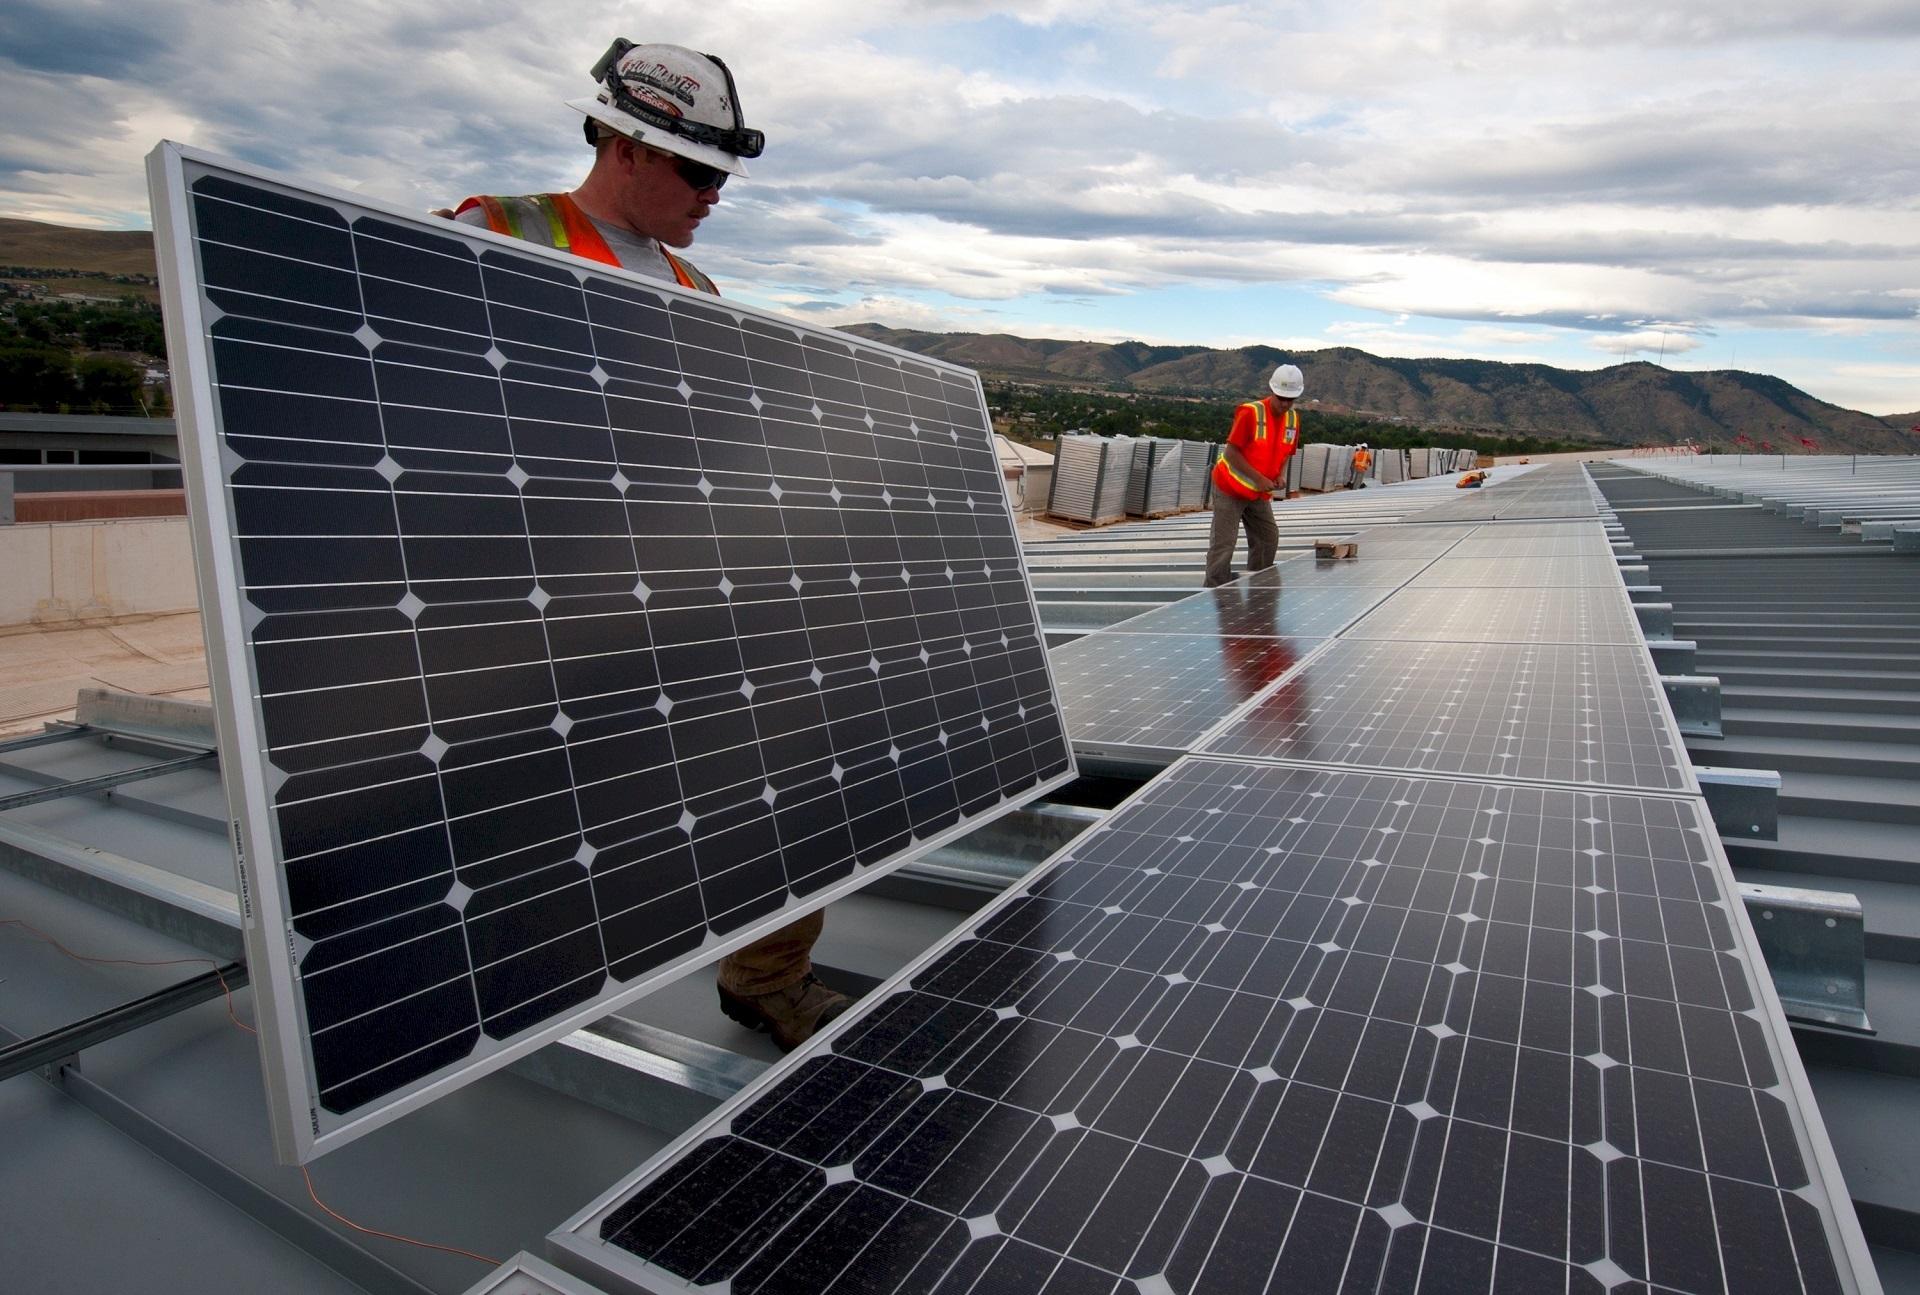 Investidores estrangeiros aguardam definições no ambiente regulatório no setor fotovoltaico